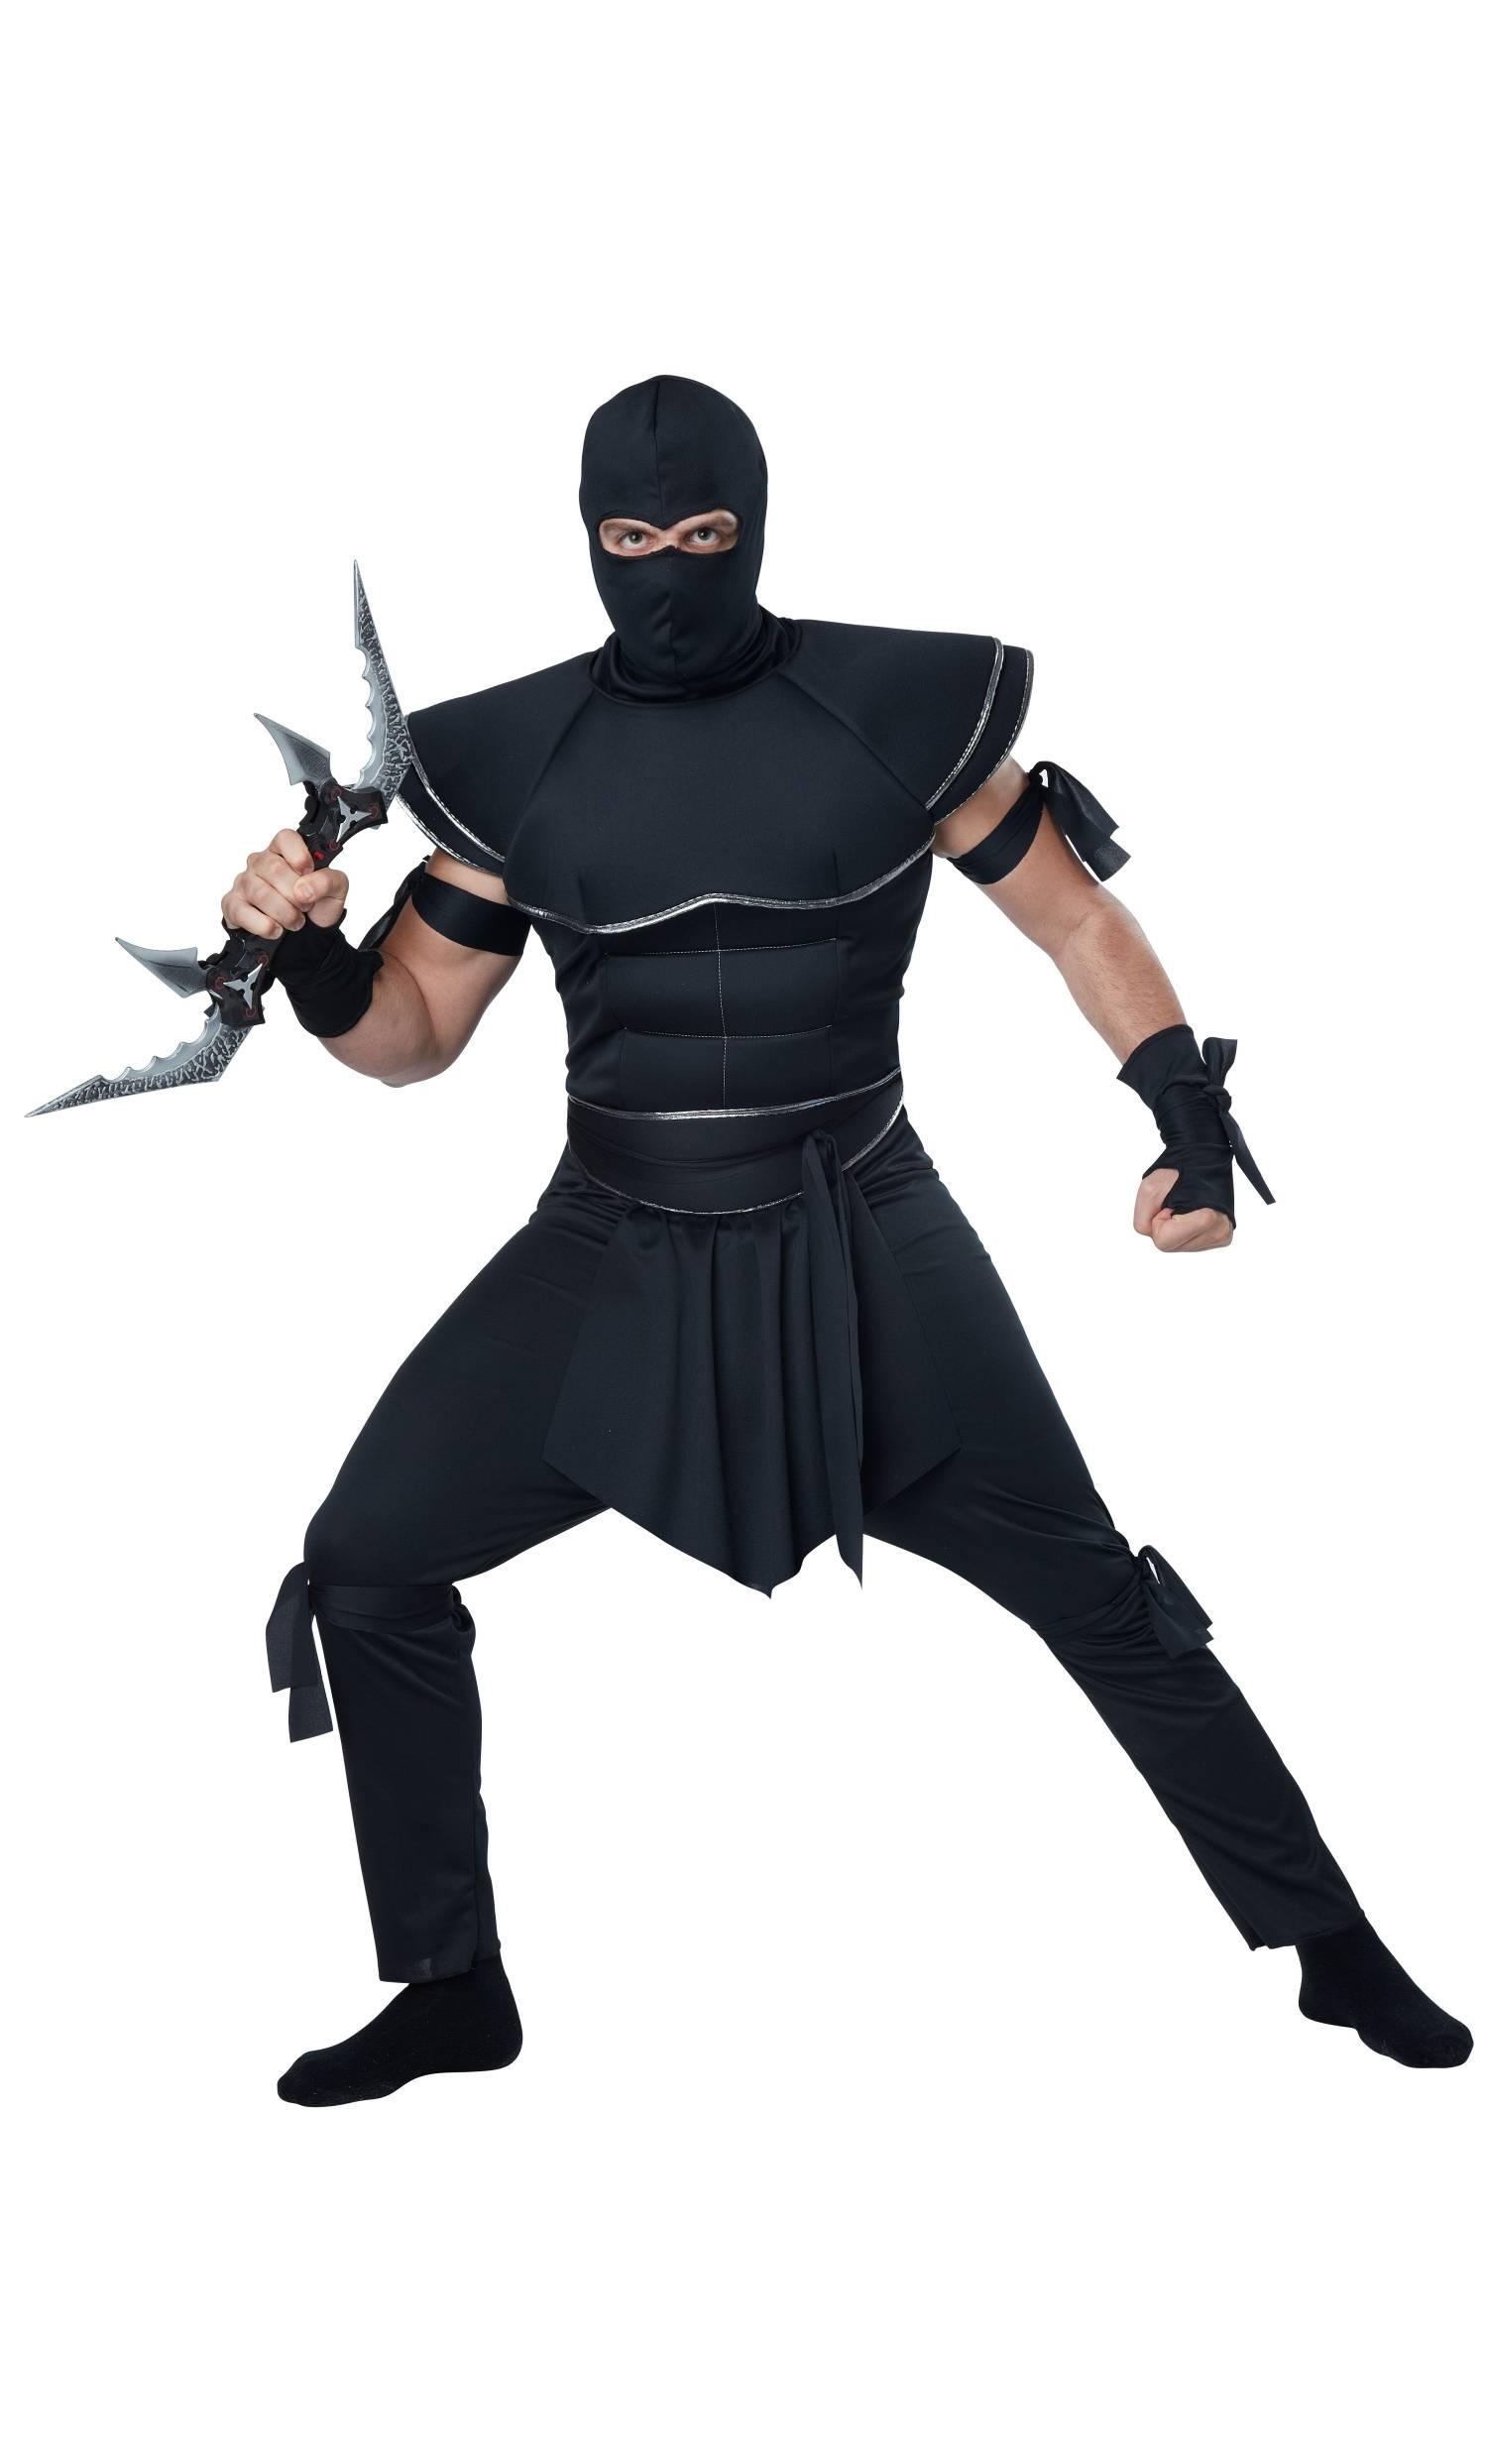 Costume-Ninja-homme